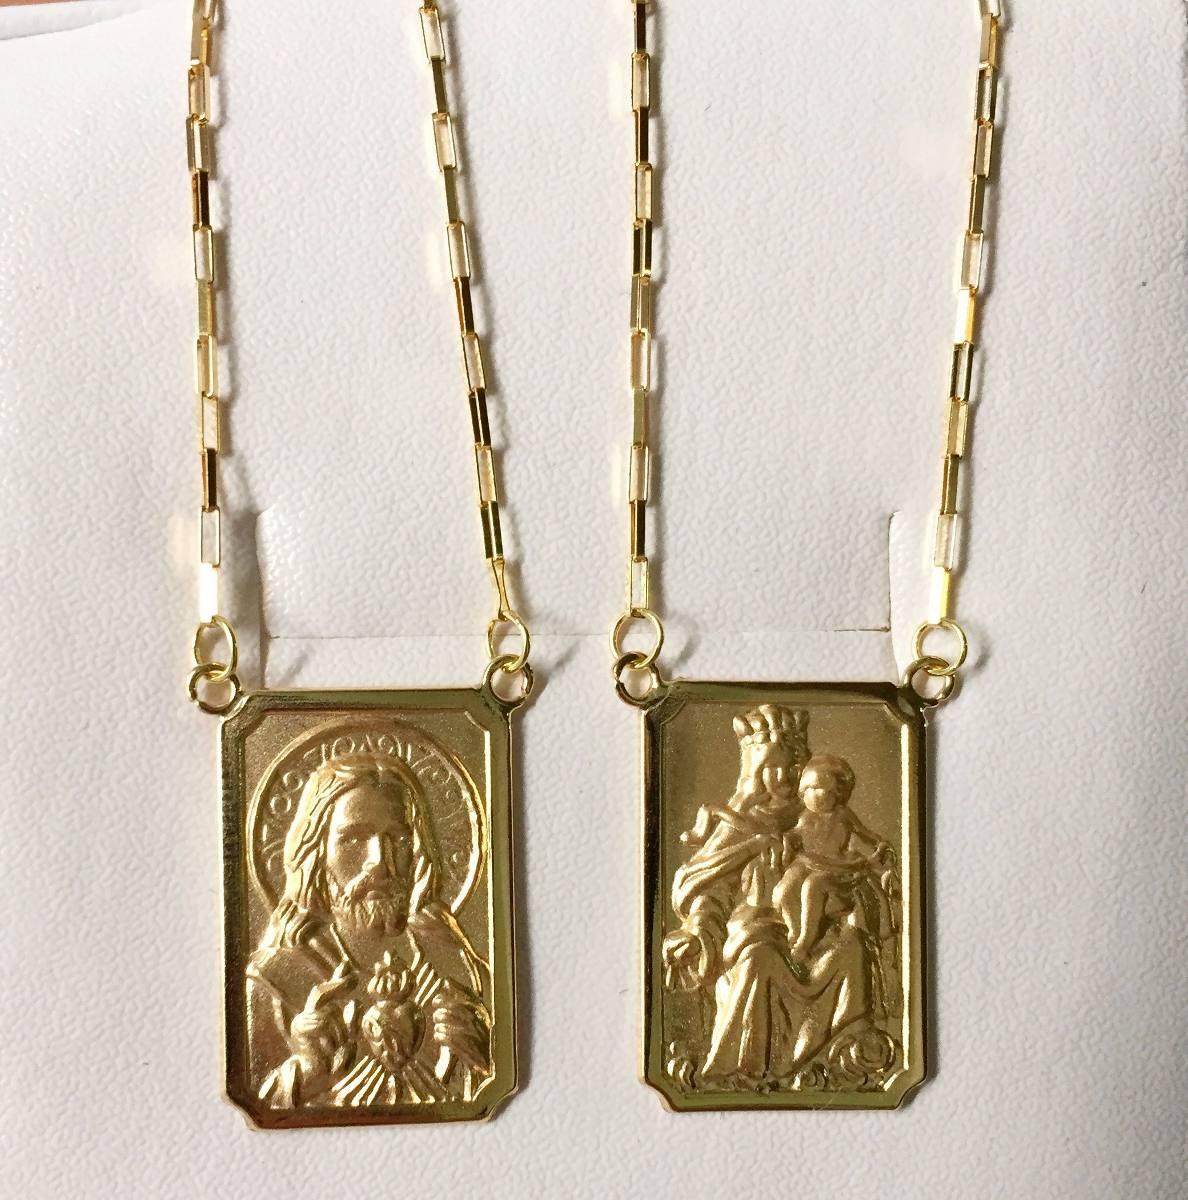 Escapulario De Ouro 18k Médio Quadrado 1mm 3,5 Gr - R  879,98 em ... a9227fc3ff